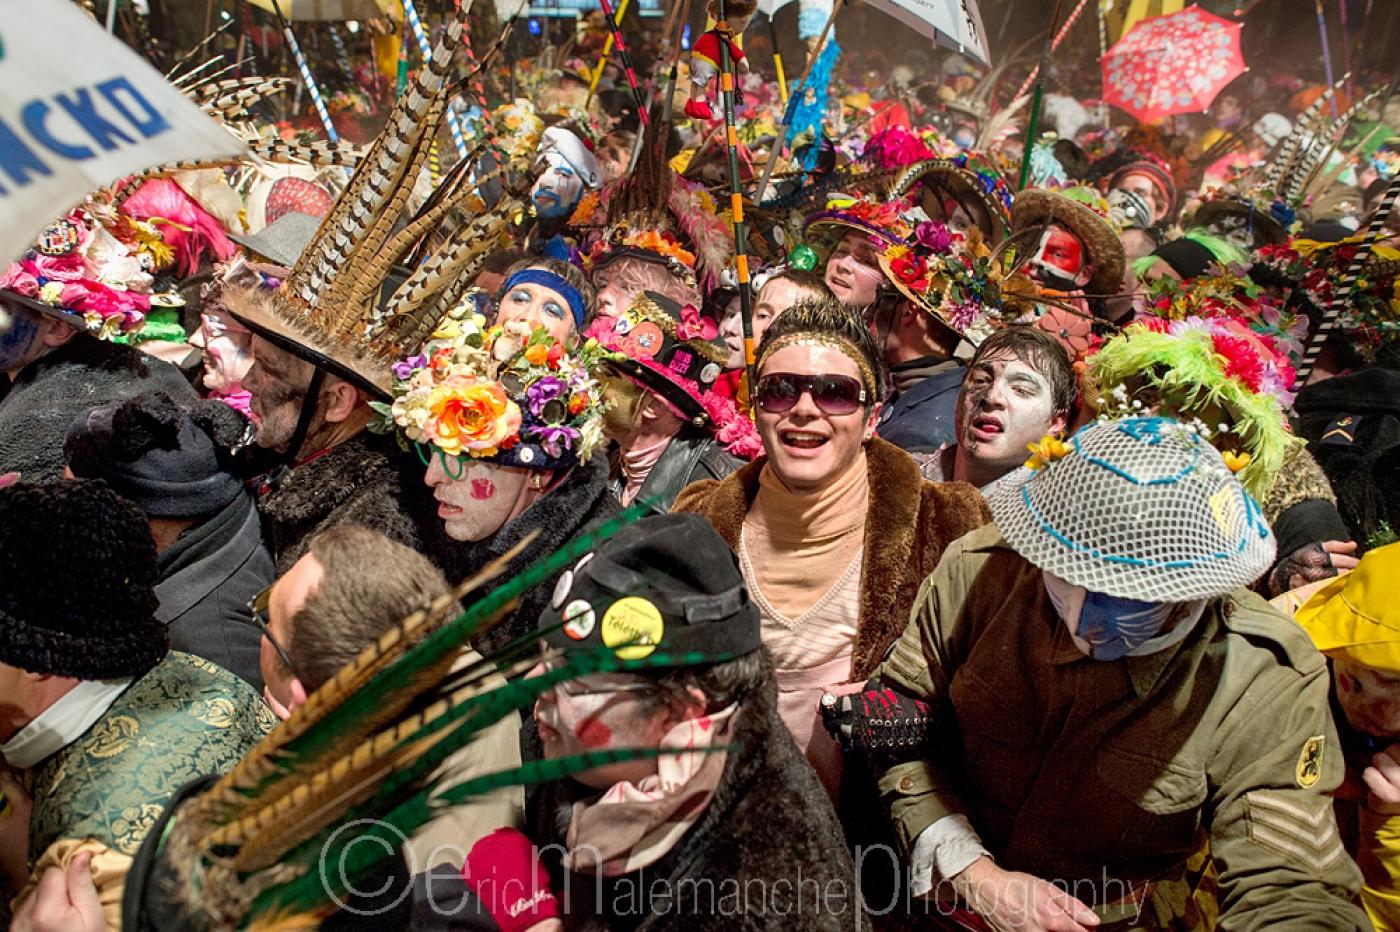 https://www.ericmalemanche.com/imagess/topics/carnaval-de-dunkerque/liste/Carnaval-Dunkerque-6550.jpg